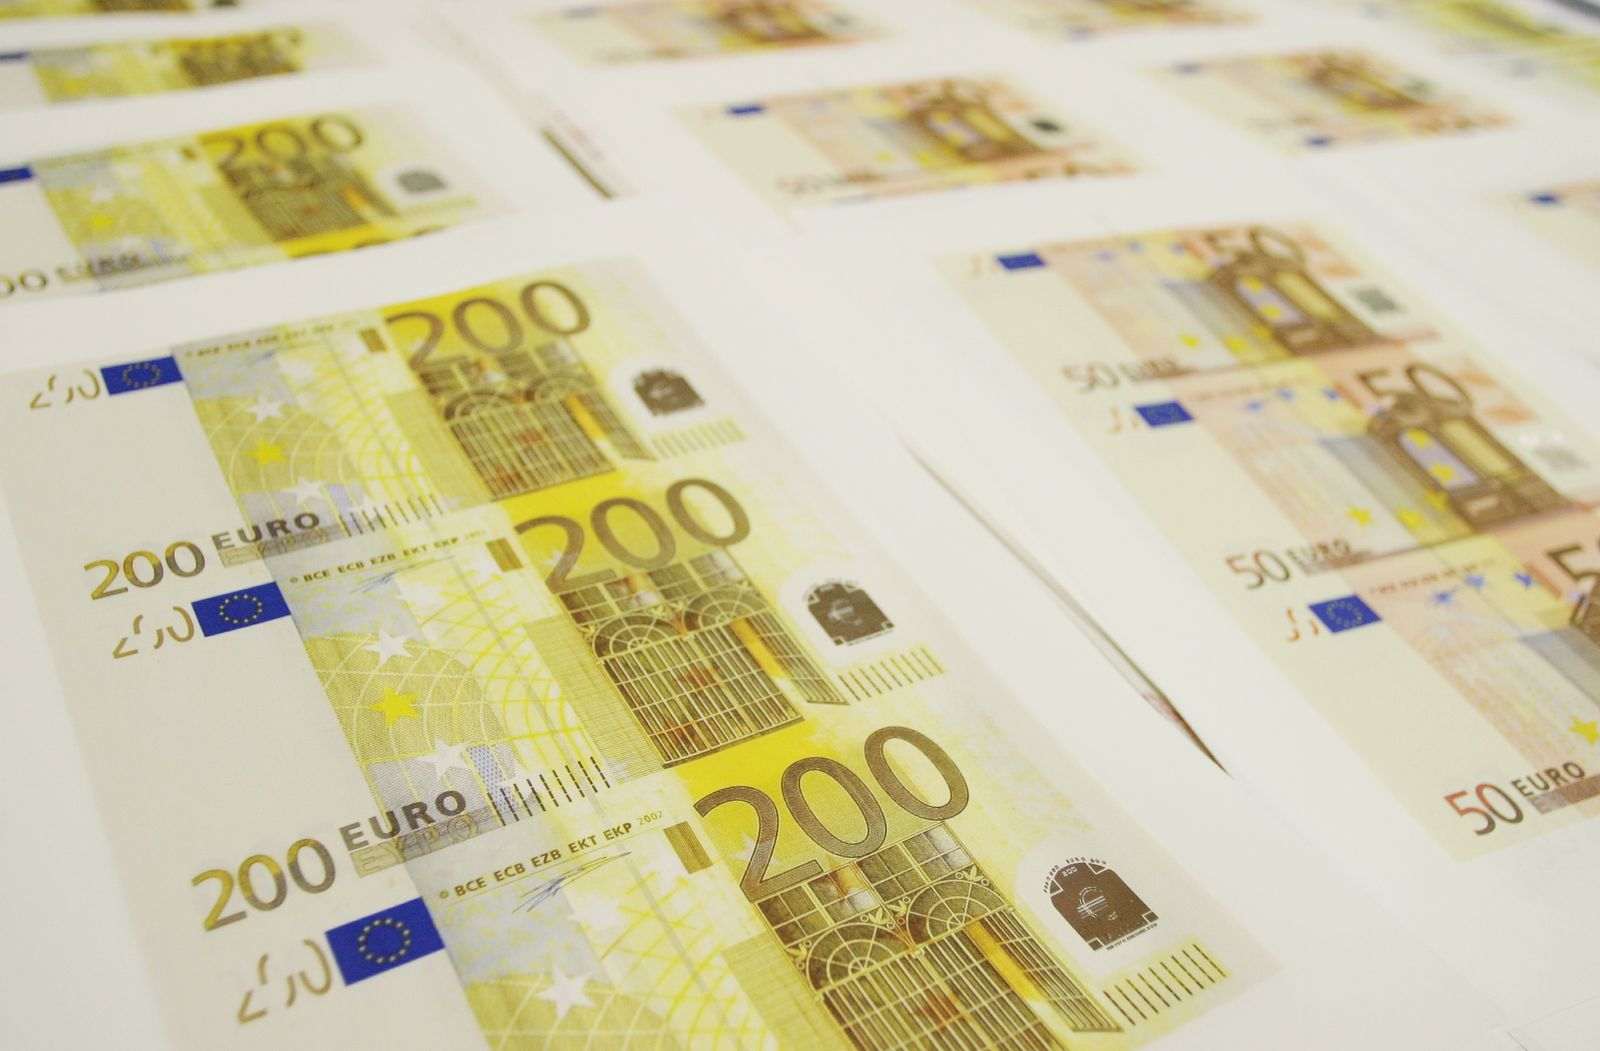 Euro / Geldschein / Euroschein